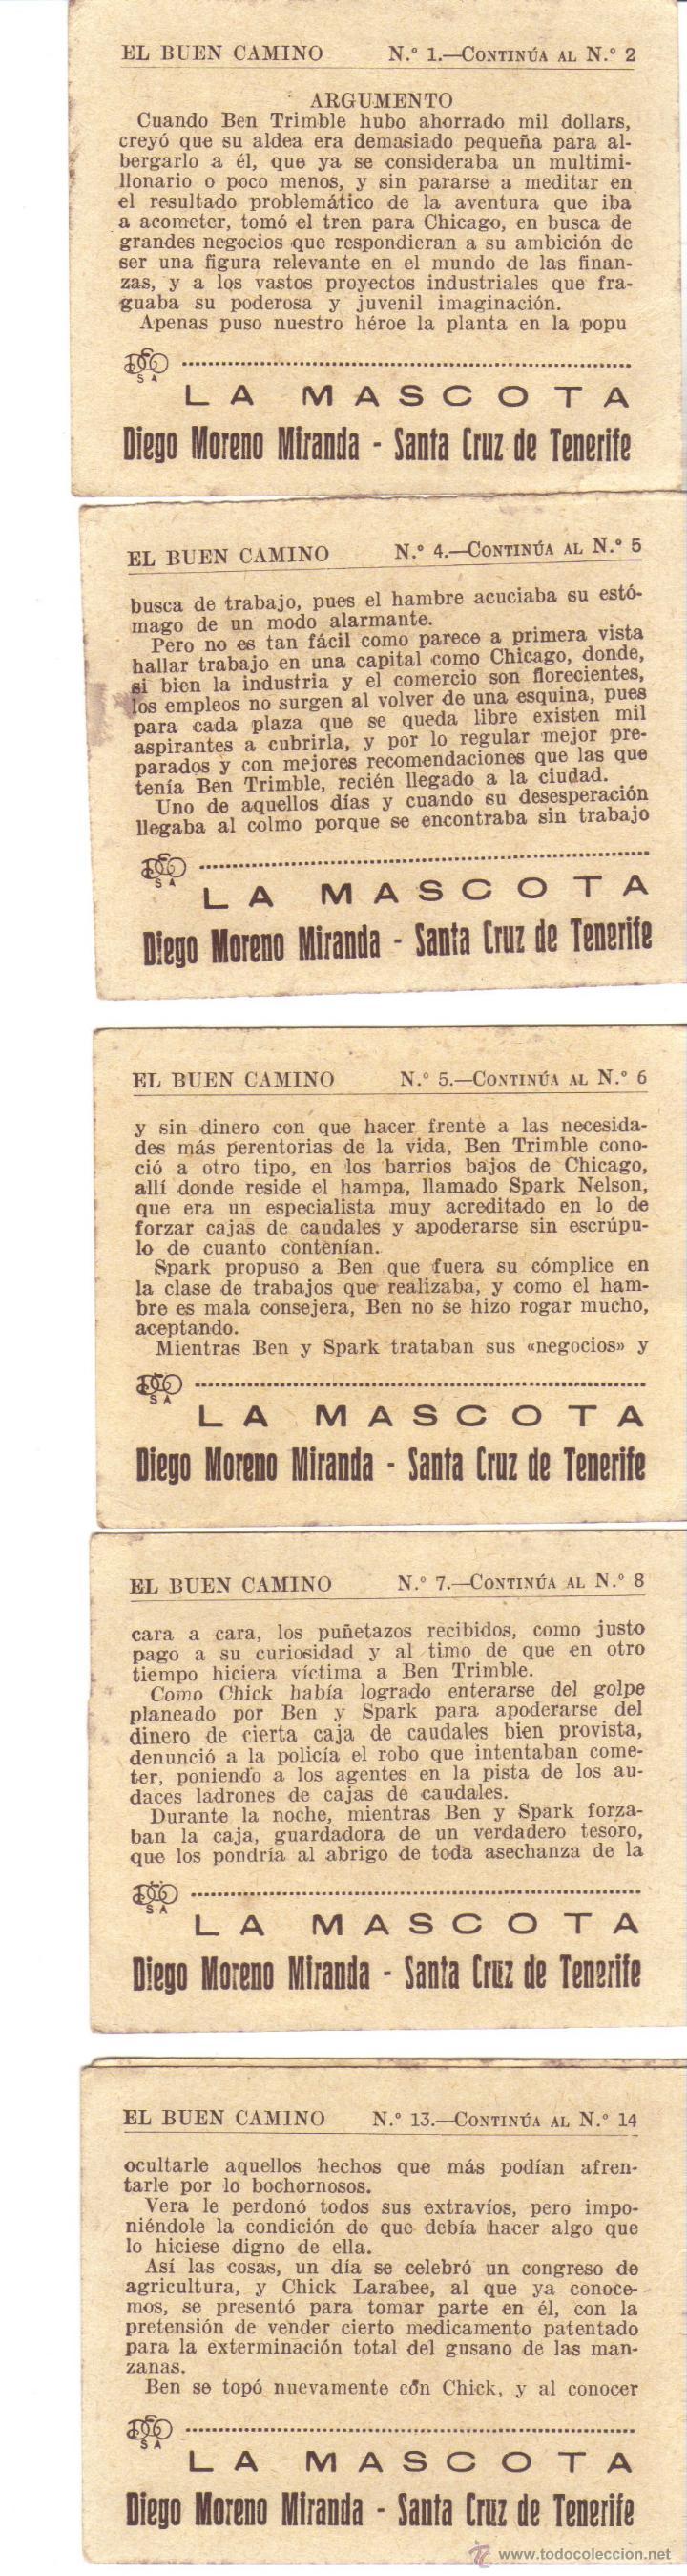 Coleccionismo Cromos antiguos: CROMOS LA MASCOTA - IMAGENES DE LA PELICULA EL BUEN CAMINO Y EL ARGUMENTO - RASTRILLO PORTOBELLO - Foto 2 - 44346984